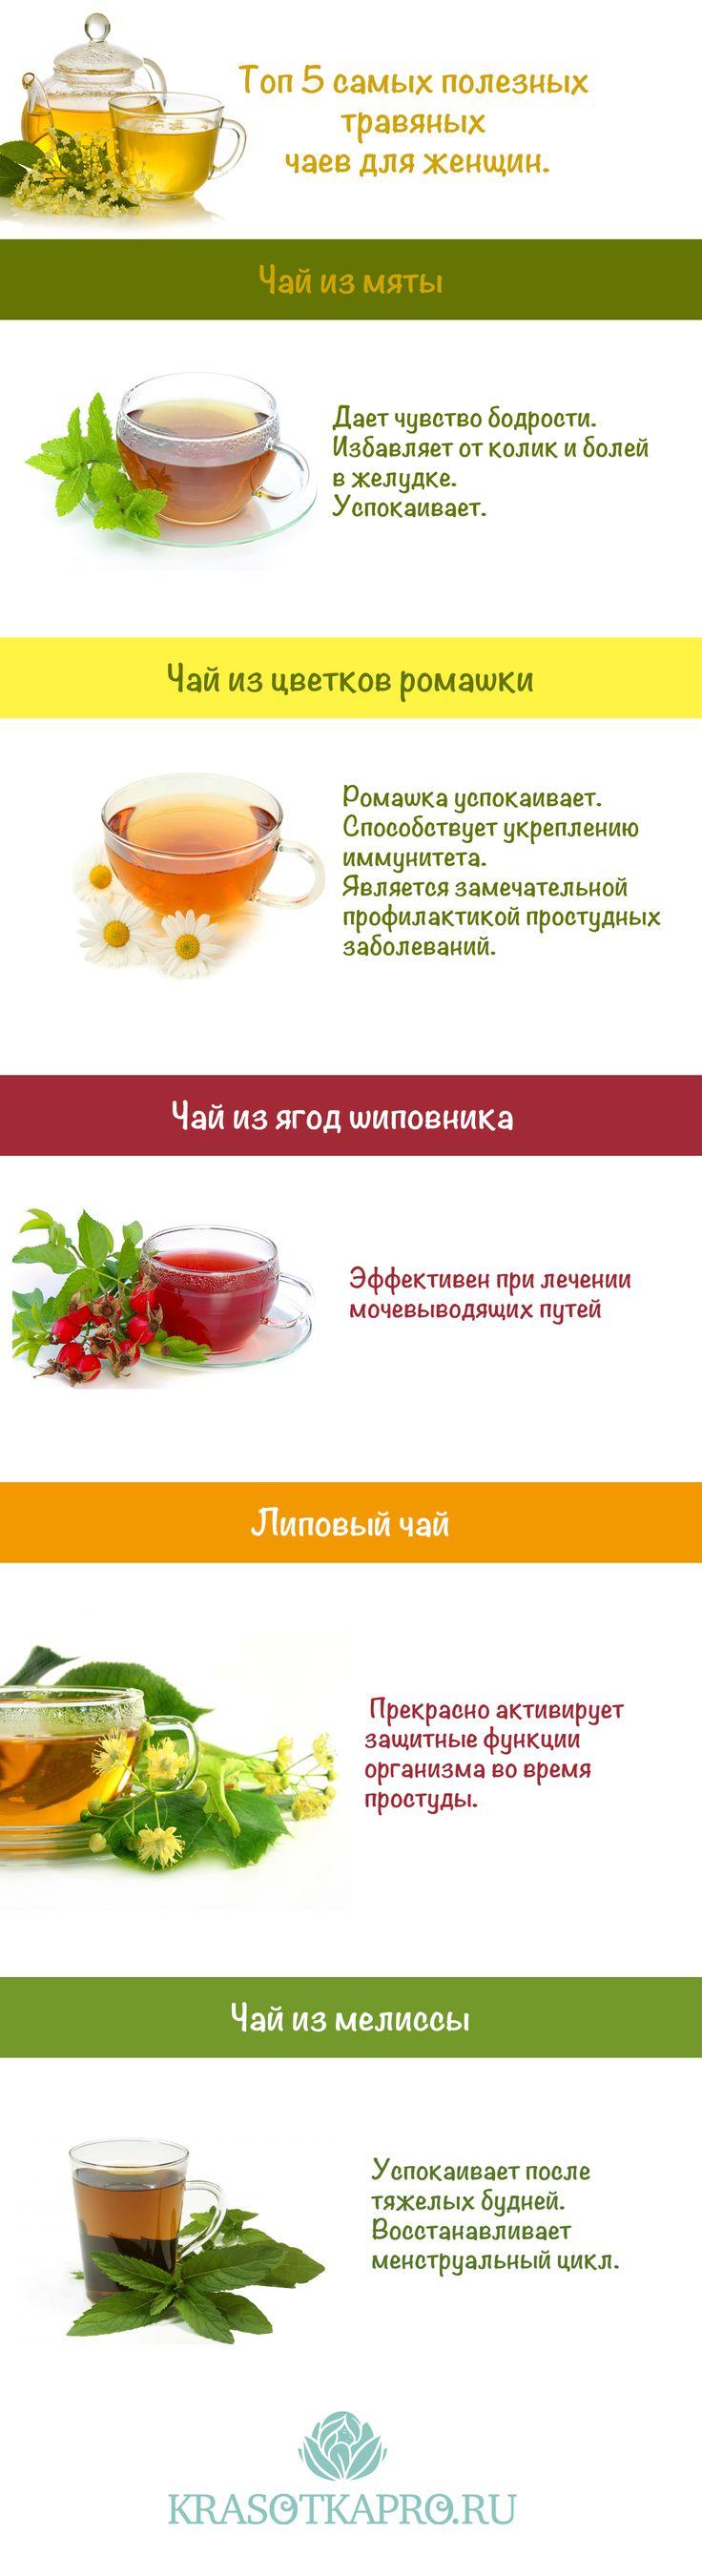 Топ 5 самых полезных травяных чаев для женщин  by KrasotkaPro  #KrasotkaPro…